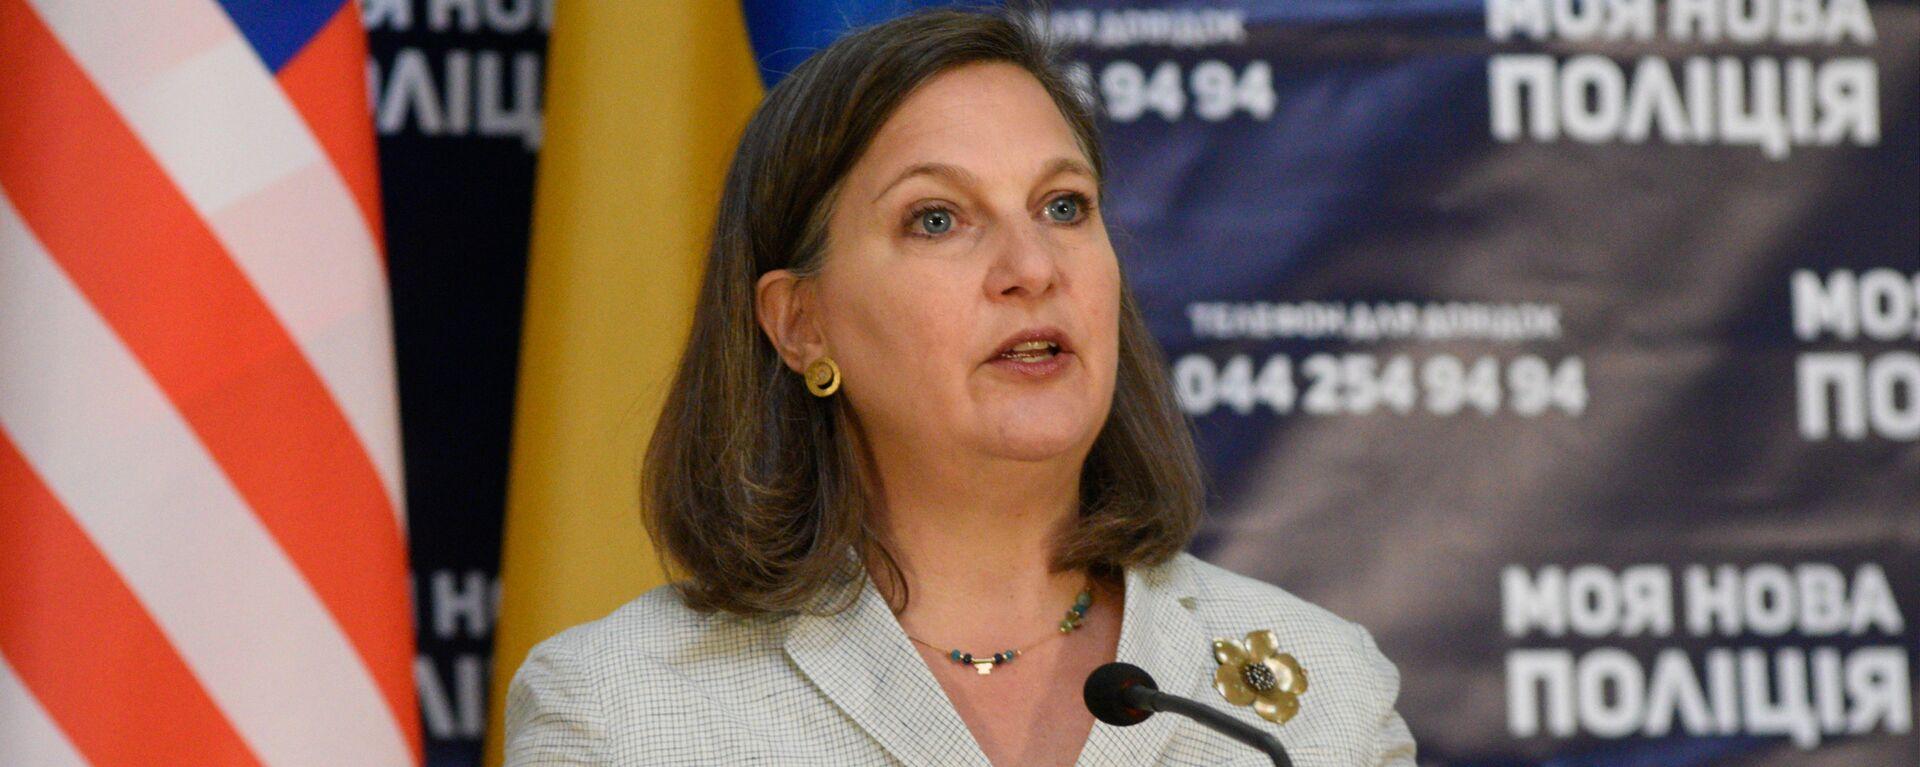 Помощник госсекретаря США Виктория Нуланд в Киеве - Sputnik Грузия, 1920, 12.10.2021